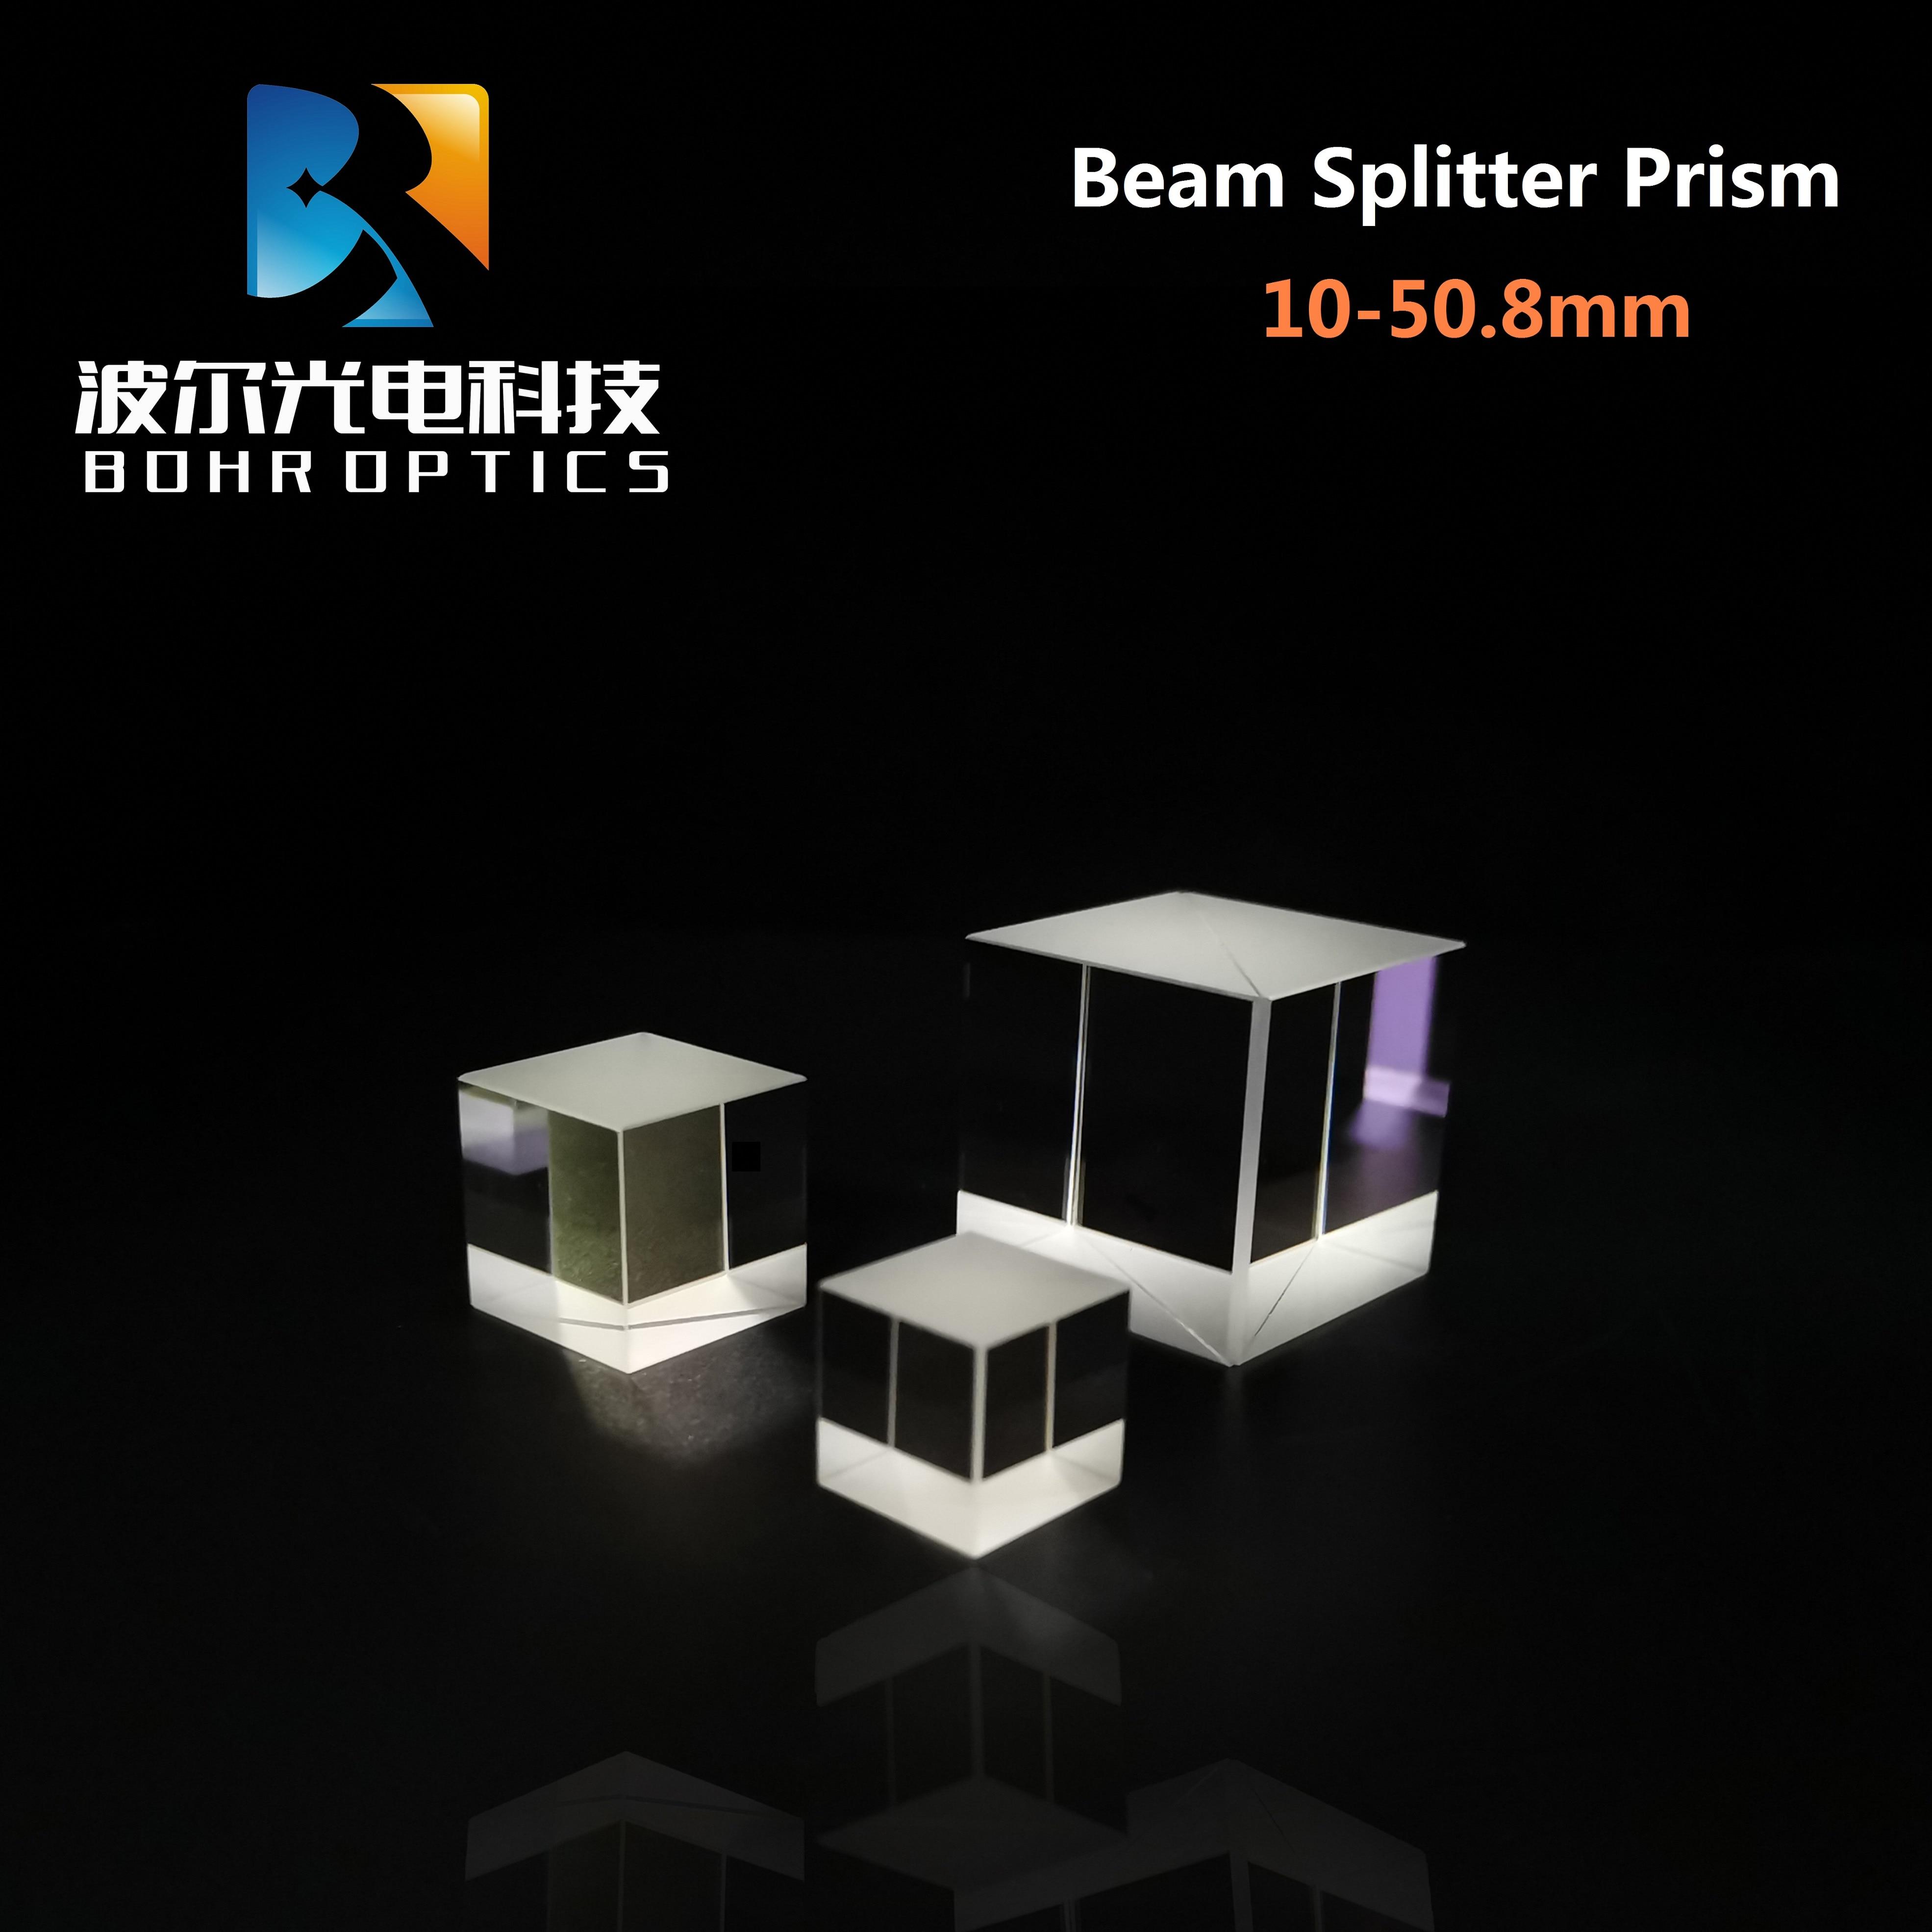 Beam Splitter /Non-polarizing Cube Beam Splitter Prism (NPBS) N-BK7 Optical Glass for Precision opti